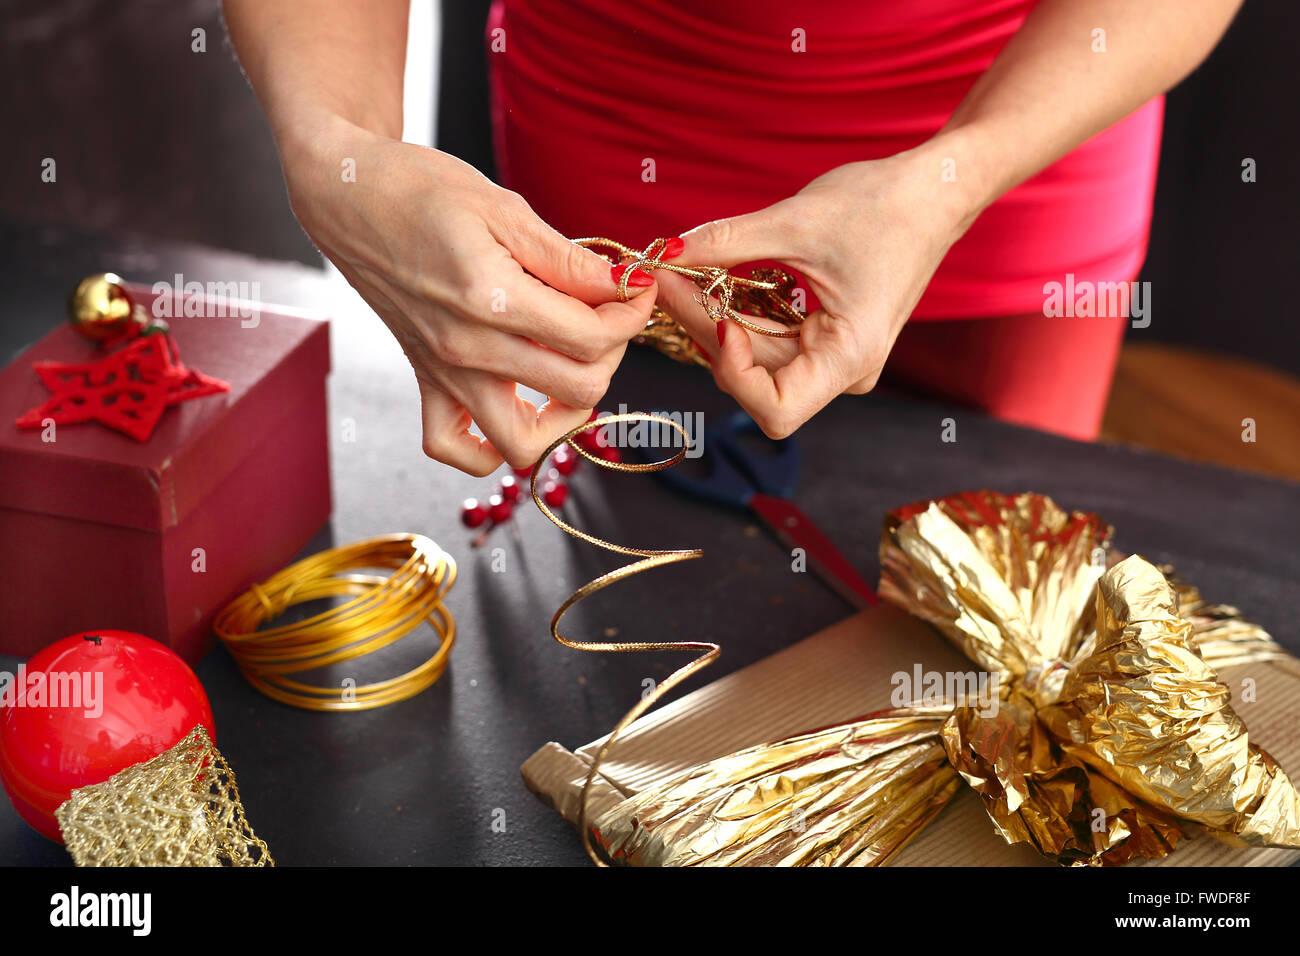 Weihnachtsgeschenk Idee wie ein Geschenk zu schmücken. Schön ...